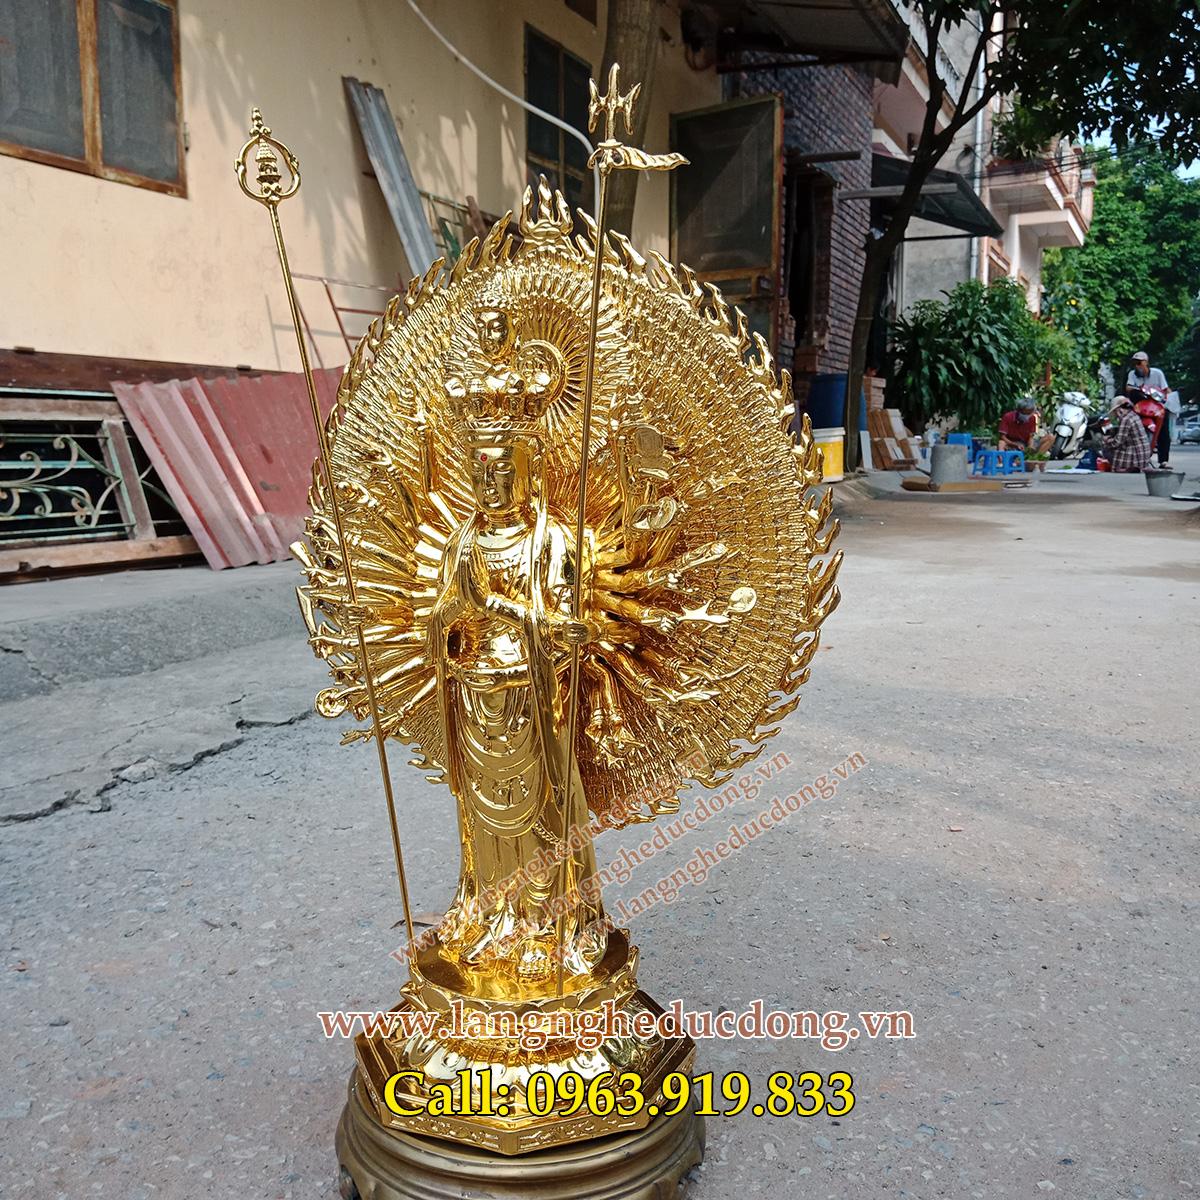 langngheducdong.vn - tượng phật, tượng phật dát vàng, tượng thiên thủ thiên nhãn bằng đồng